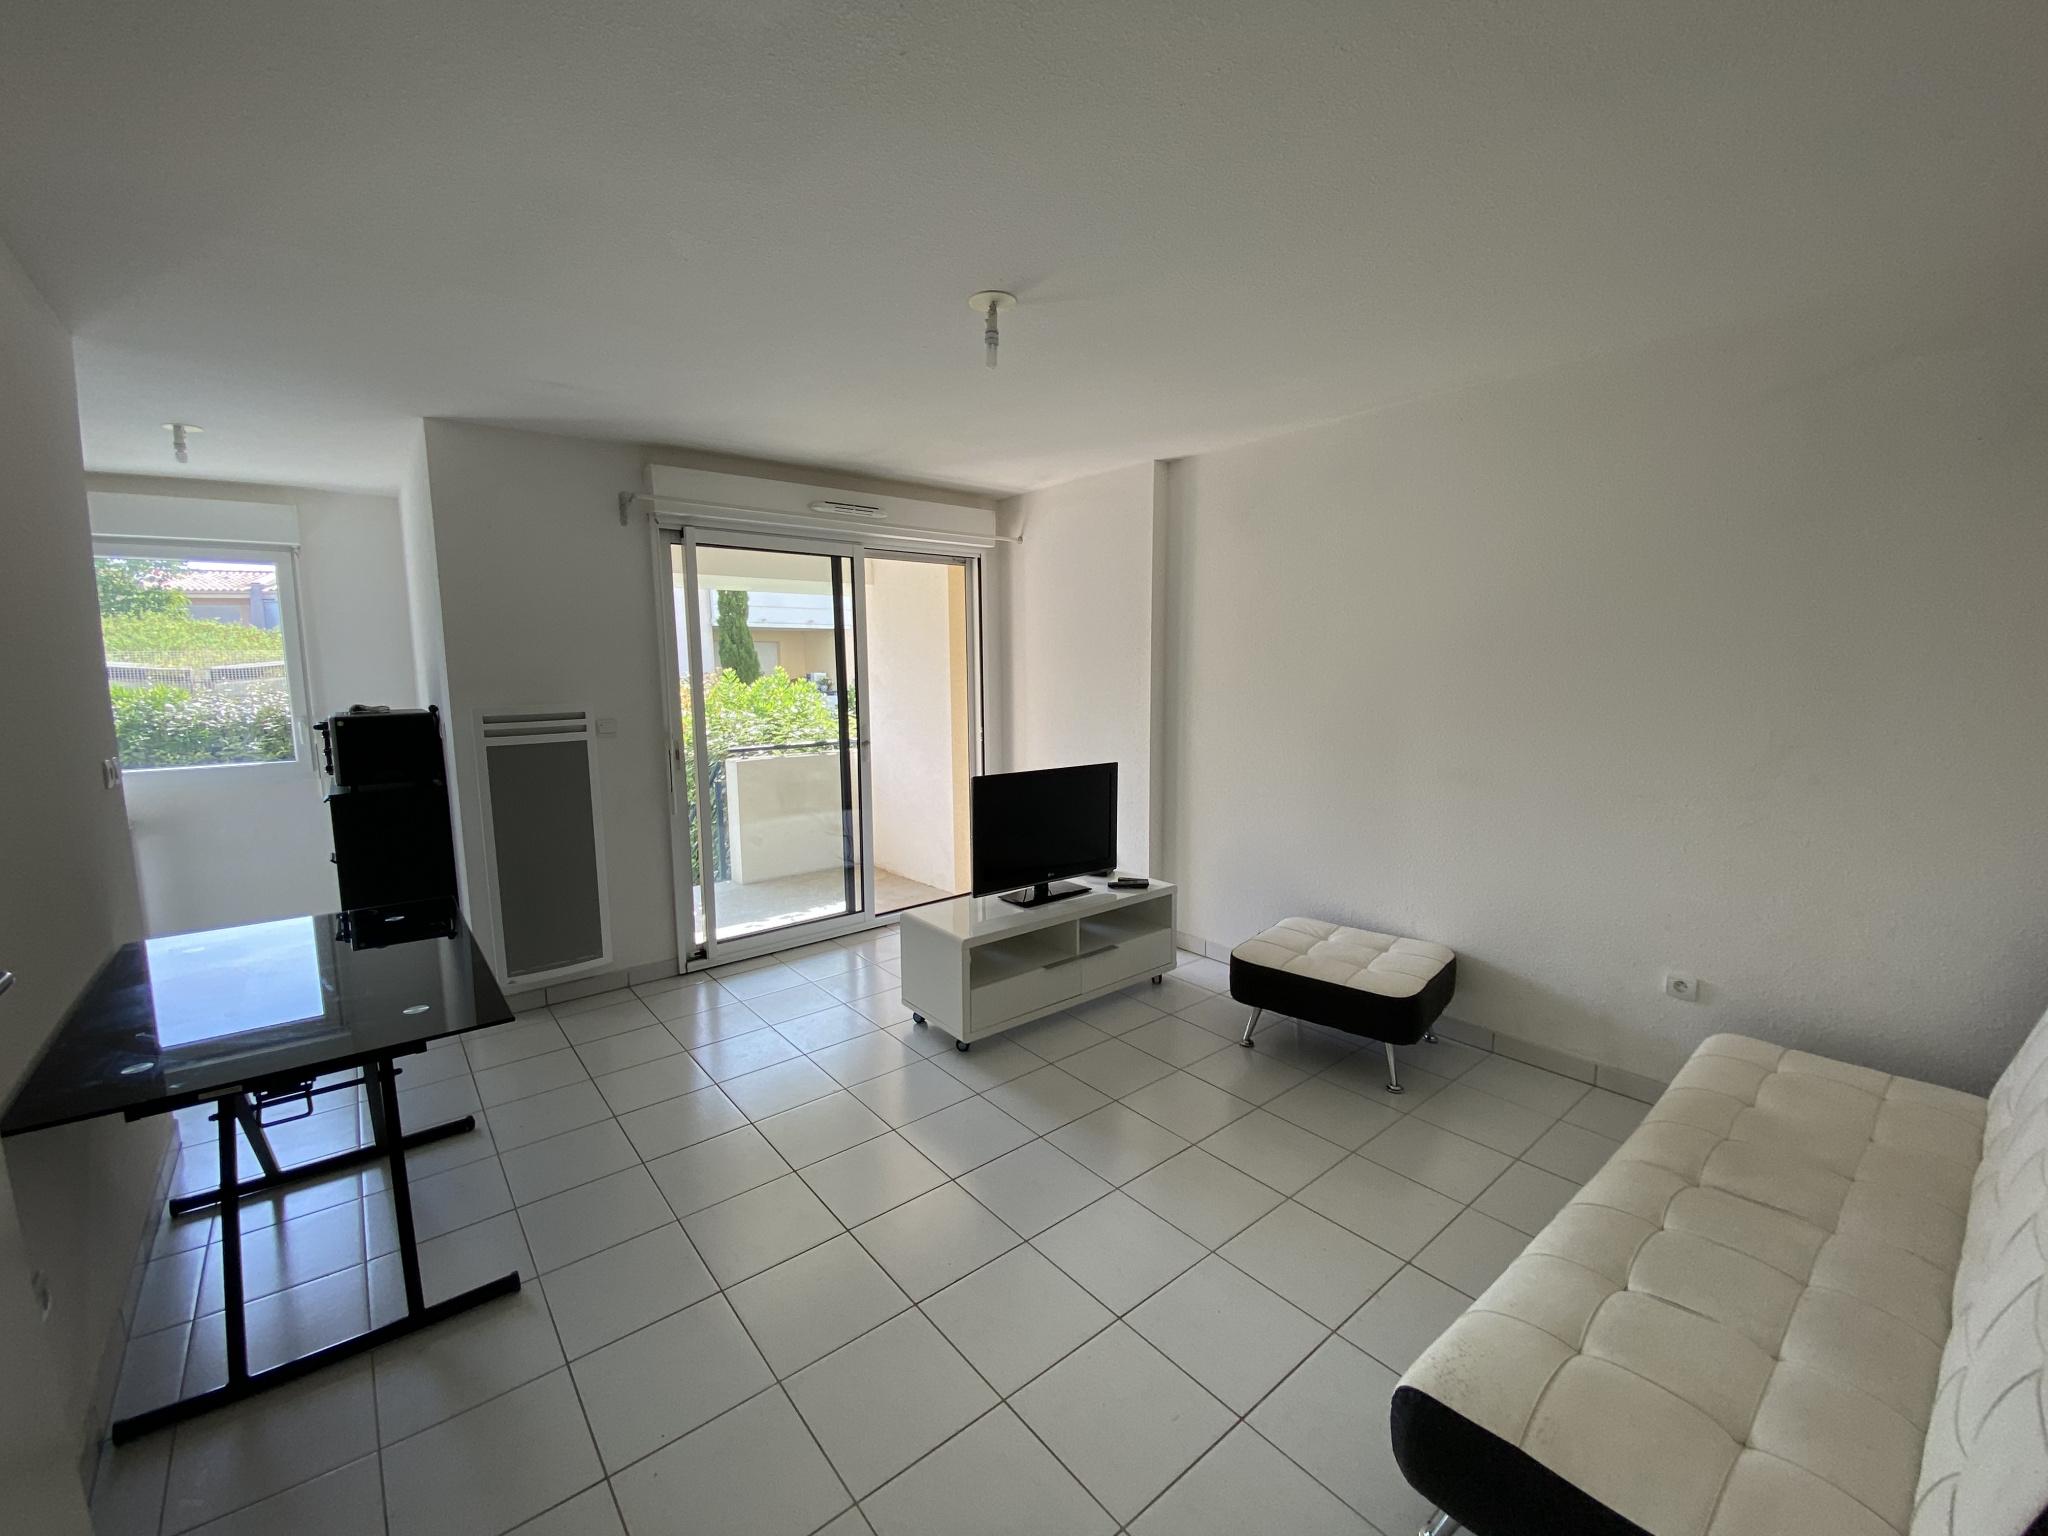 À vendre appartement de 44m2 à argeles sur mer (66700) - Photo 2'